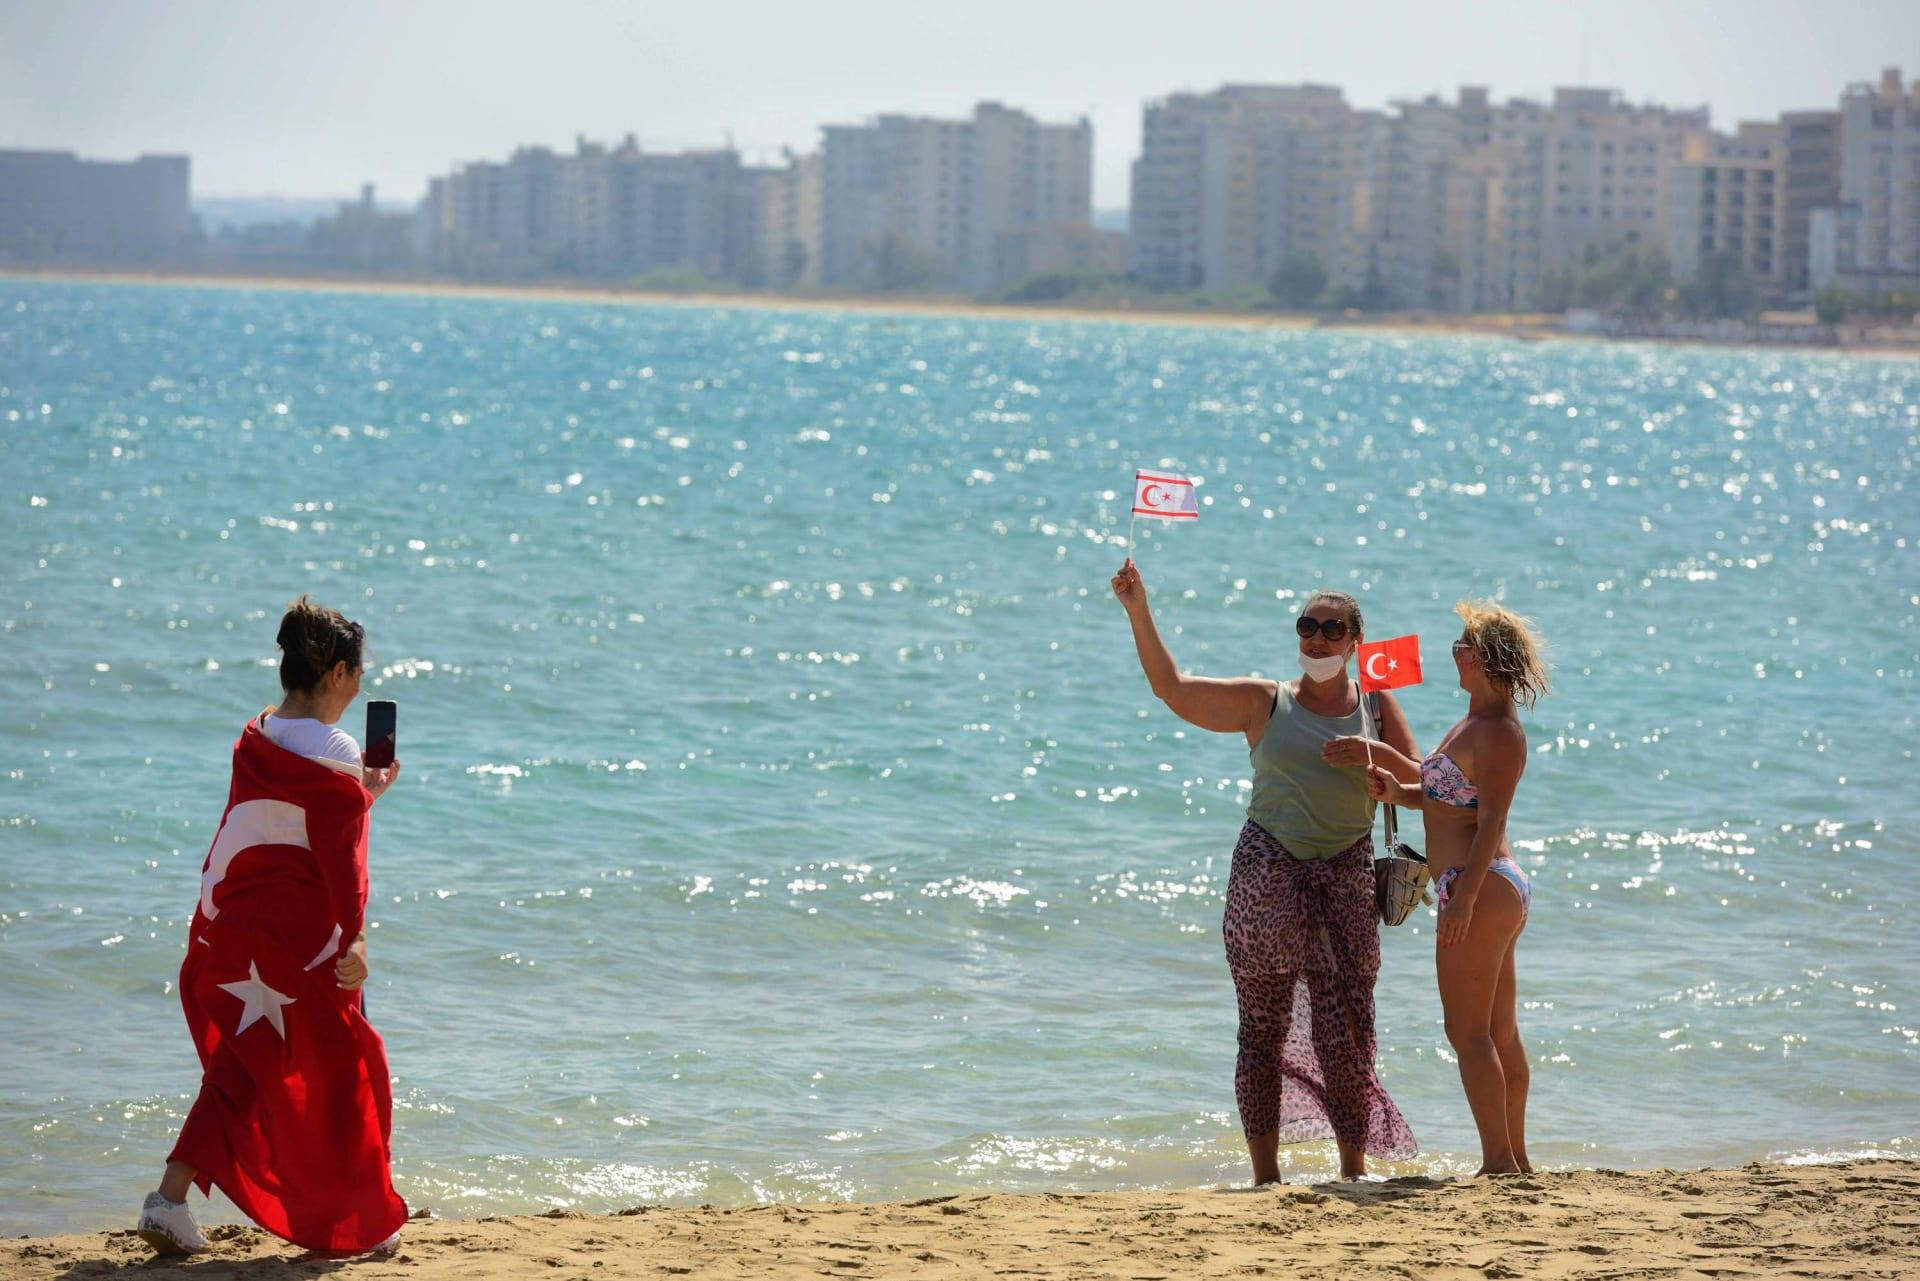 """بشمال قبرص.. افتتاح منتجع شاطئي بـ""""مدينة أشباح"""" لأول مرة منذ السبعينيات"""